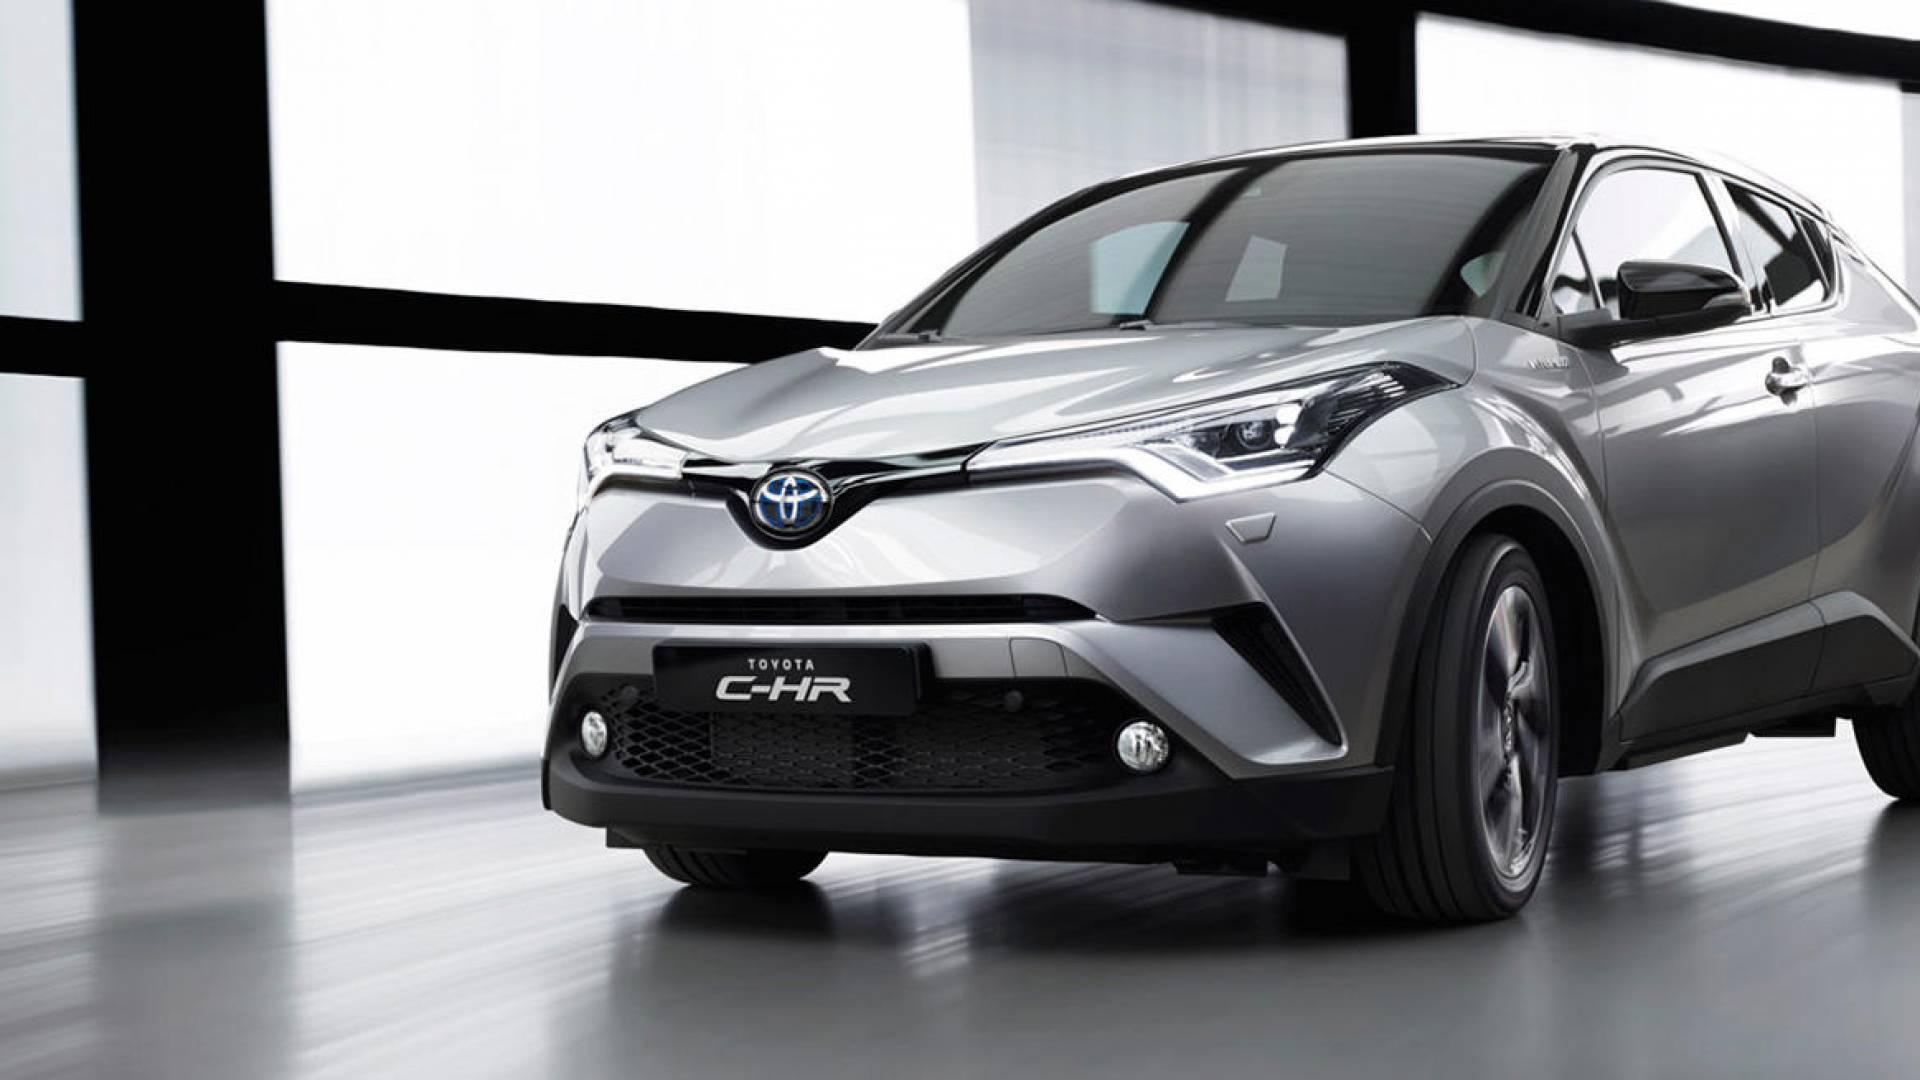 Toyota patenta un sistema antirrobo que expulsa gas lacrimógeno: ¿El antirrobo definitivo?